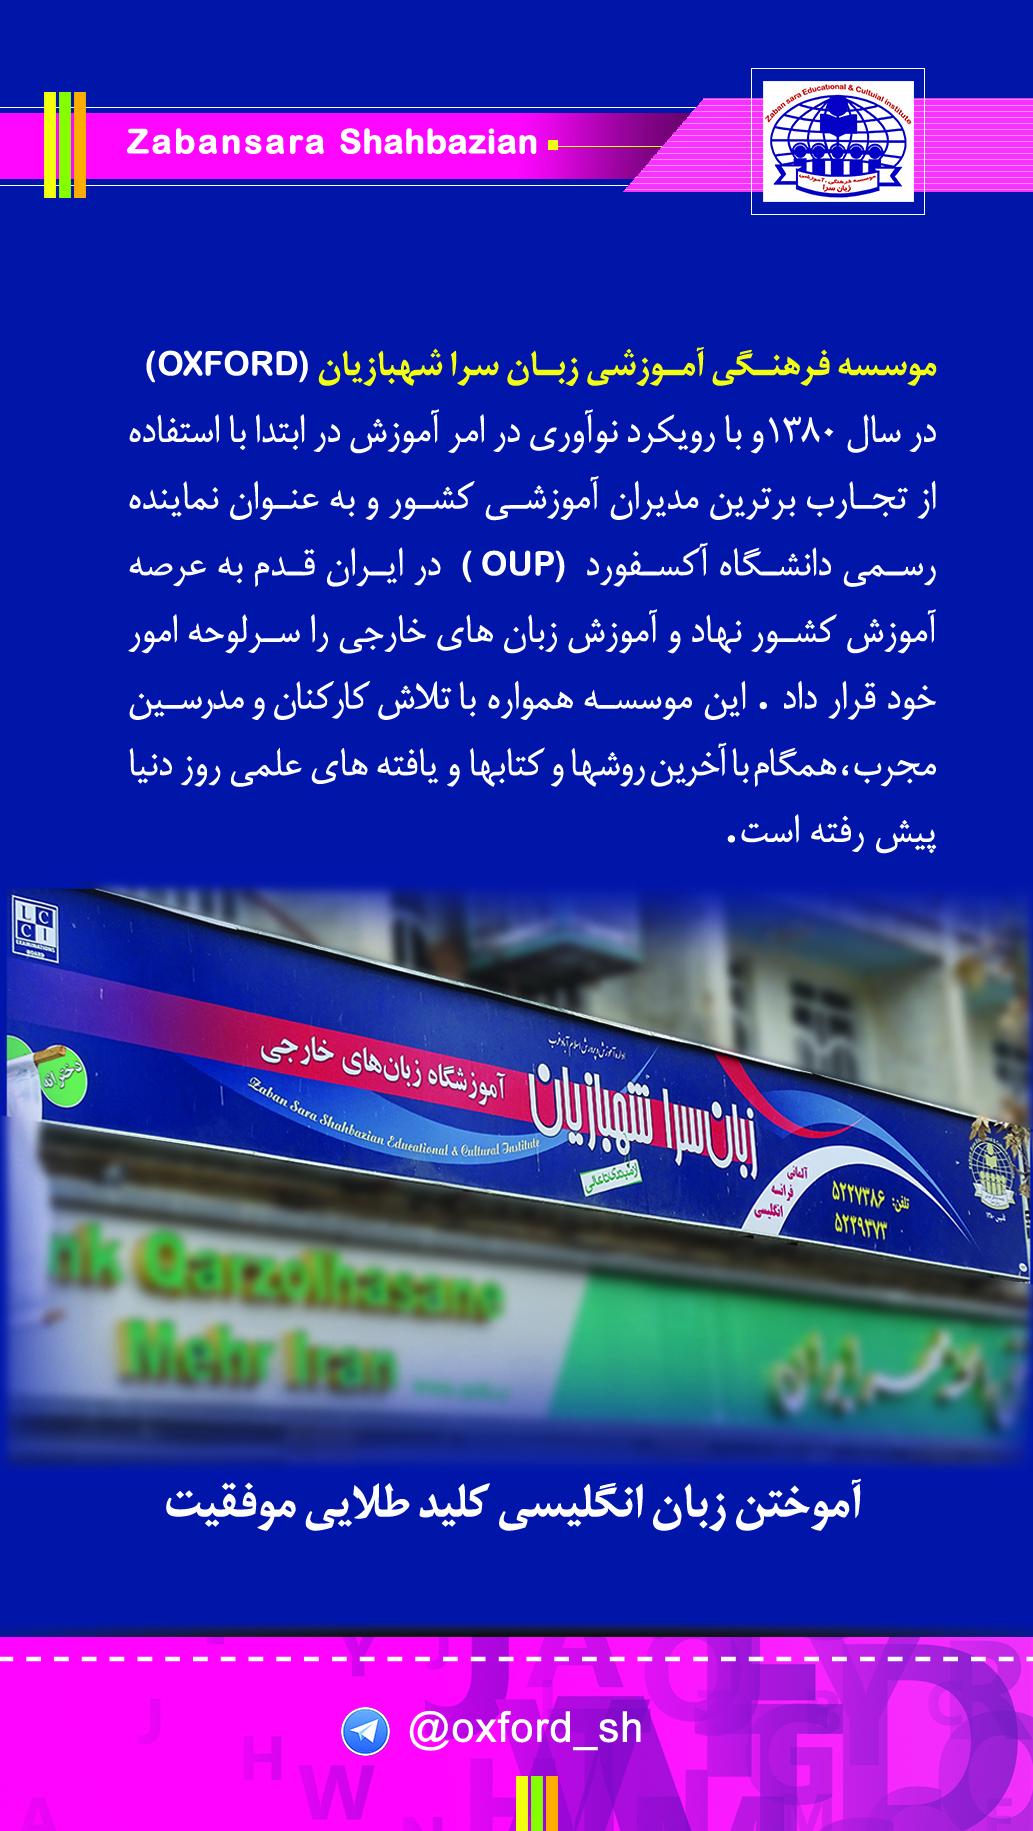 موسسه فرهنگی اموزشی زبان سرا شهبازیان